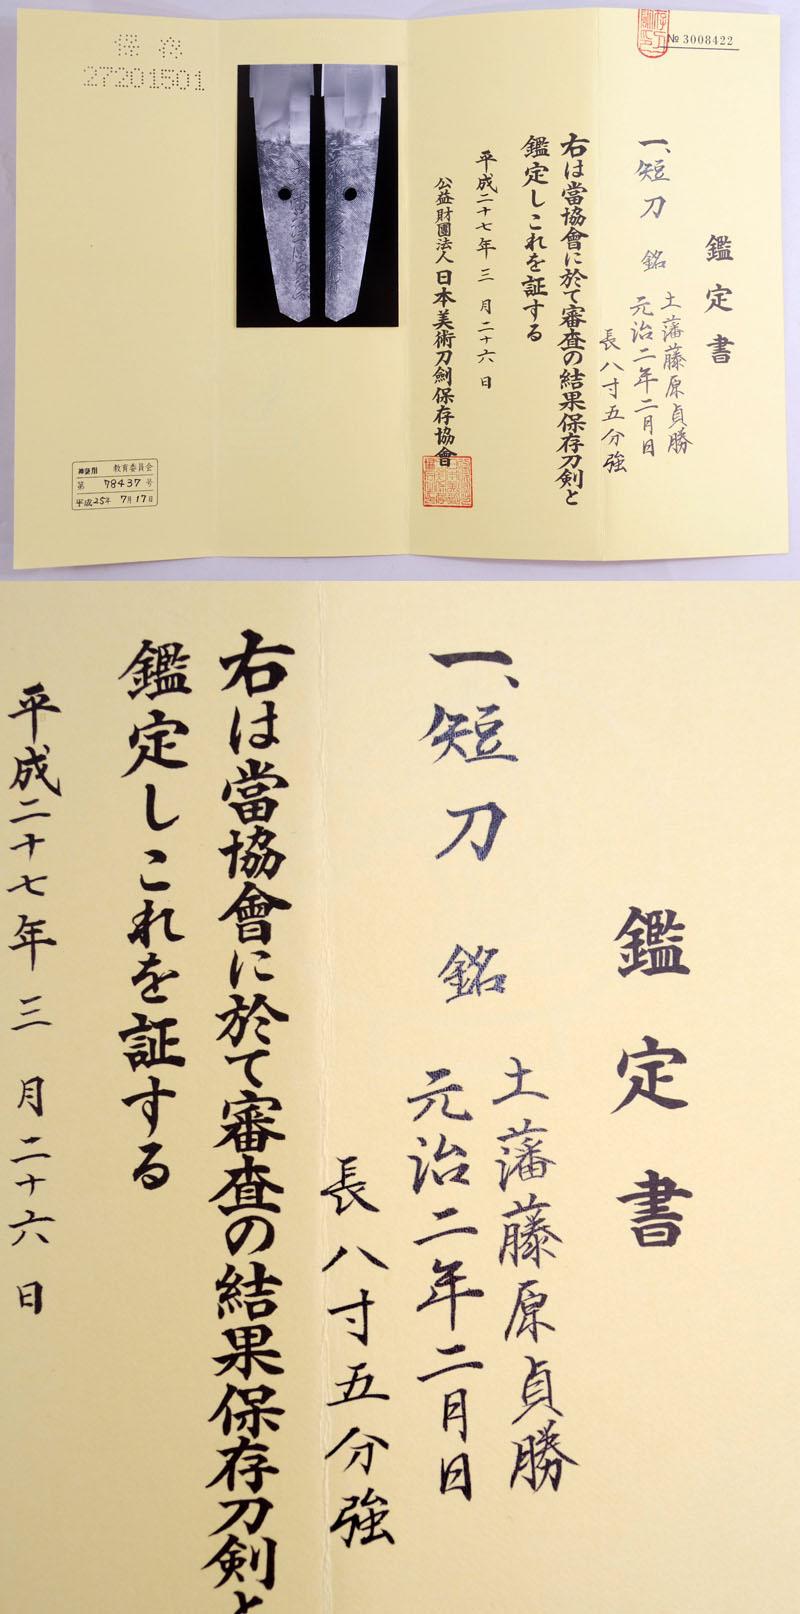 土藩藤原貞勝 Picture of Certificate